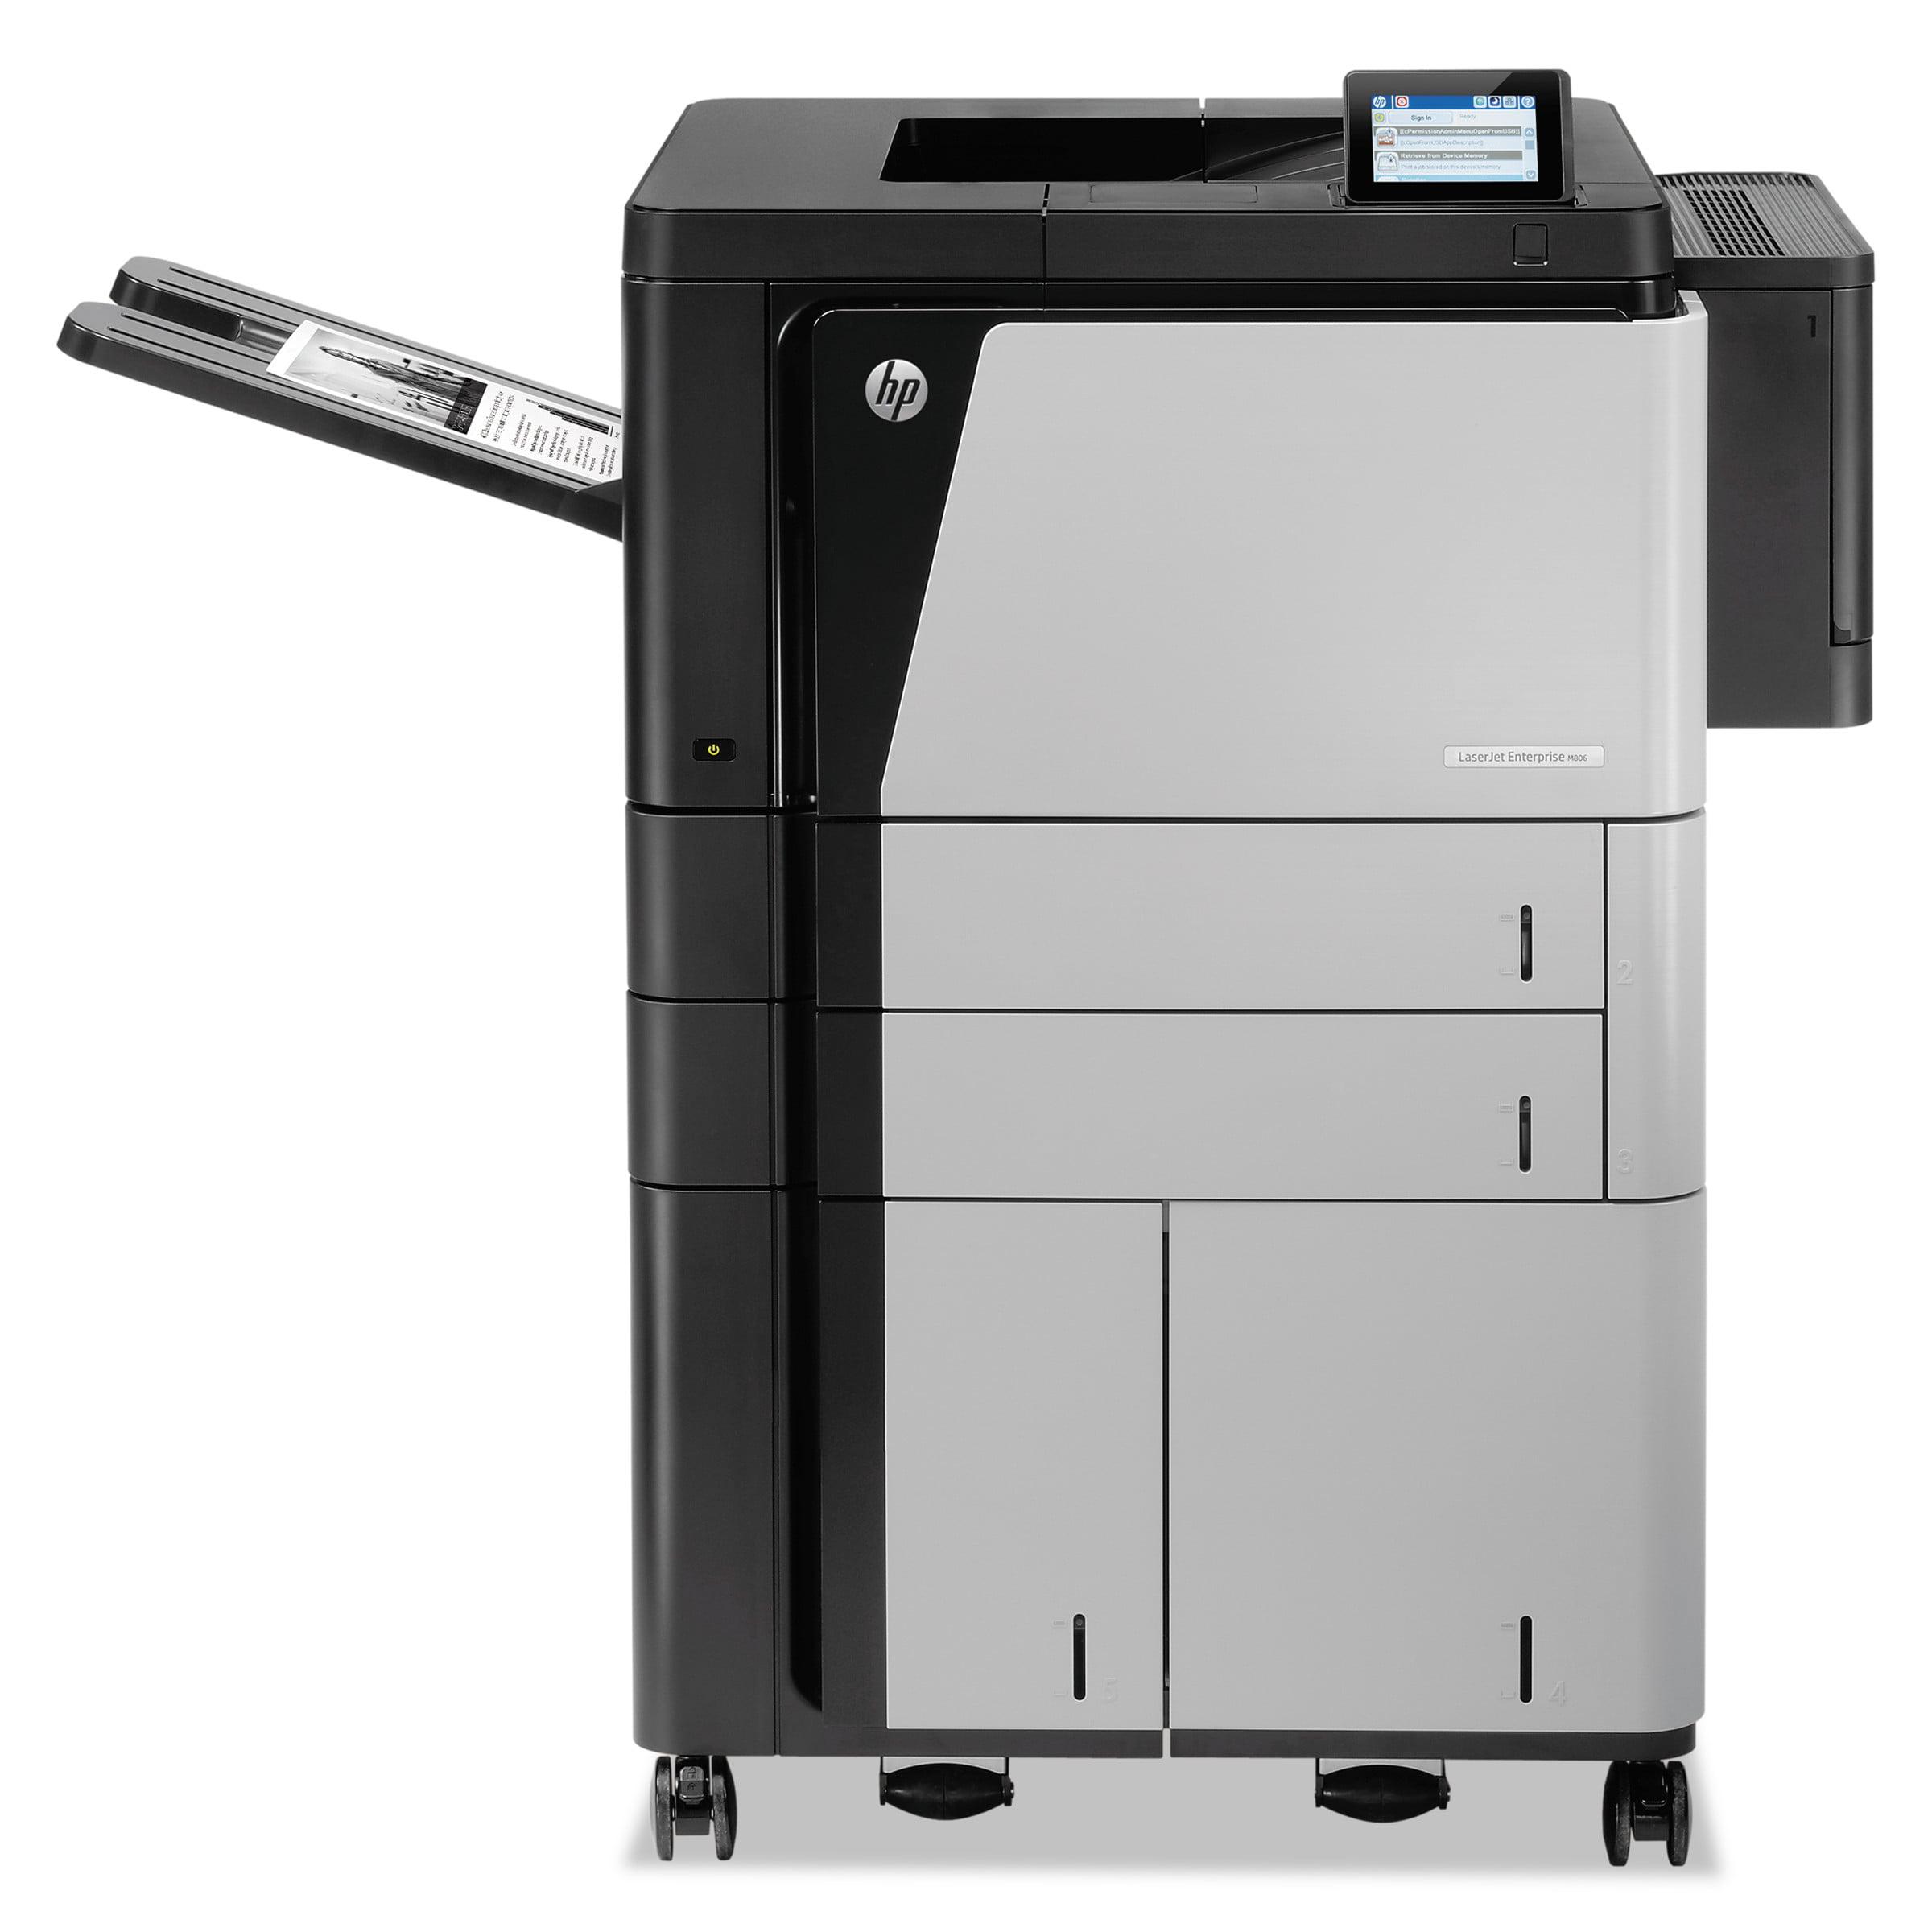 HP LaserJet Enterprise M806x+ Laser Printer by HP